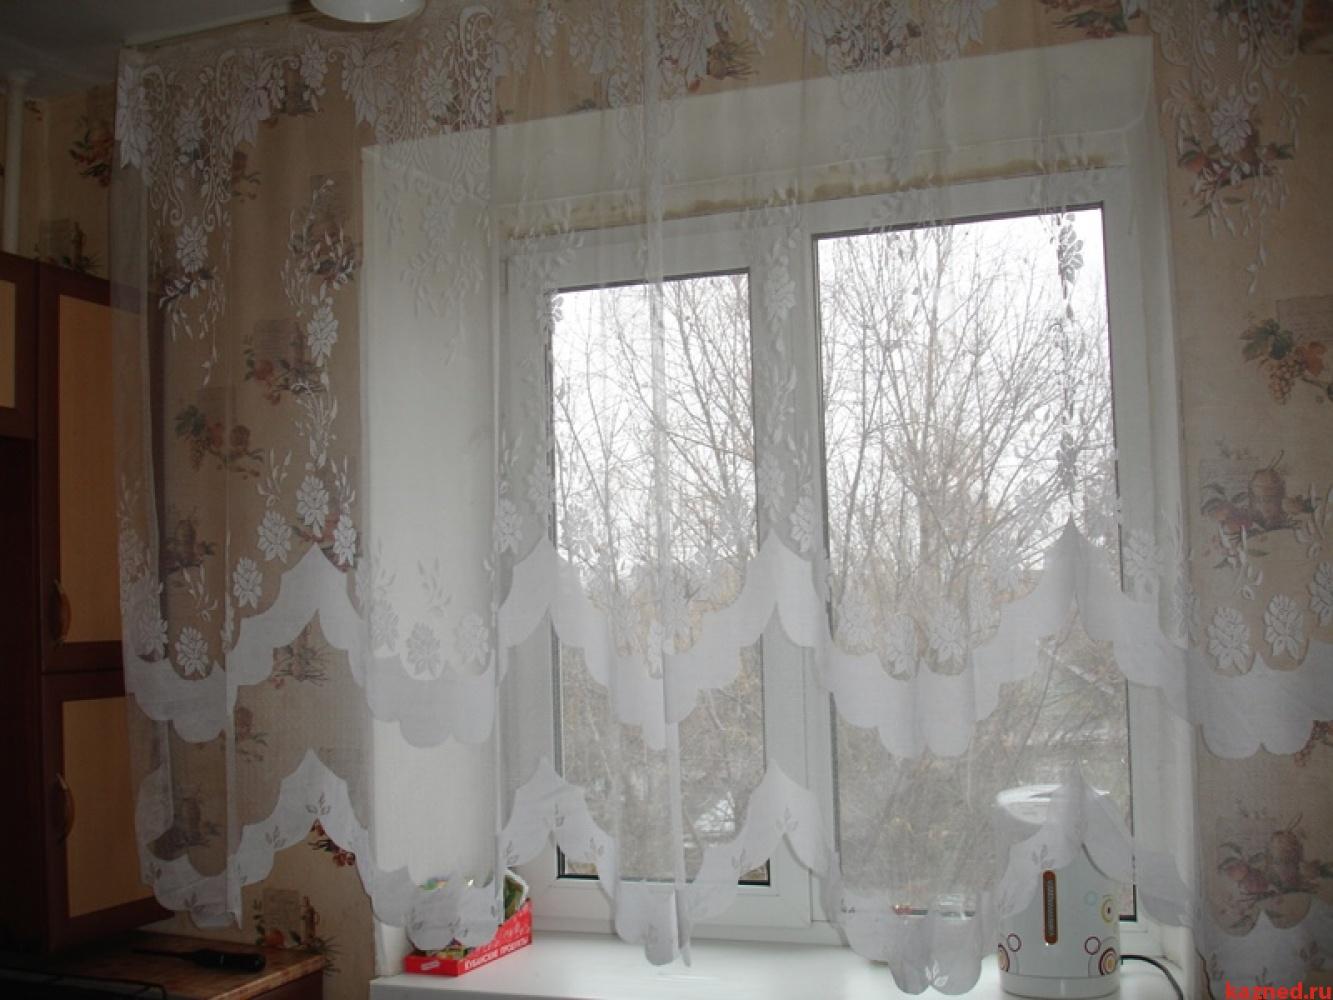 Продажа 1-к квартиры Шоссейная,24, 34 м²  (миниатюра №1)